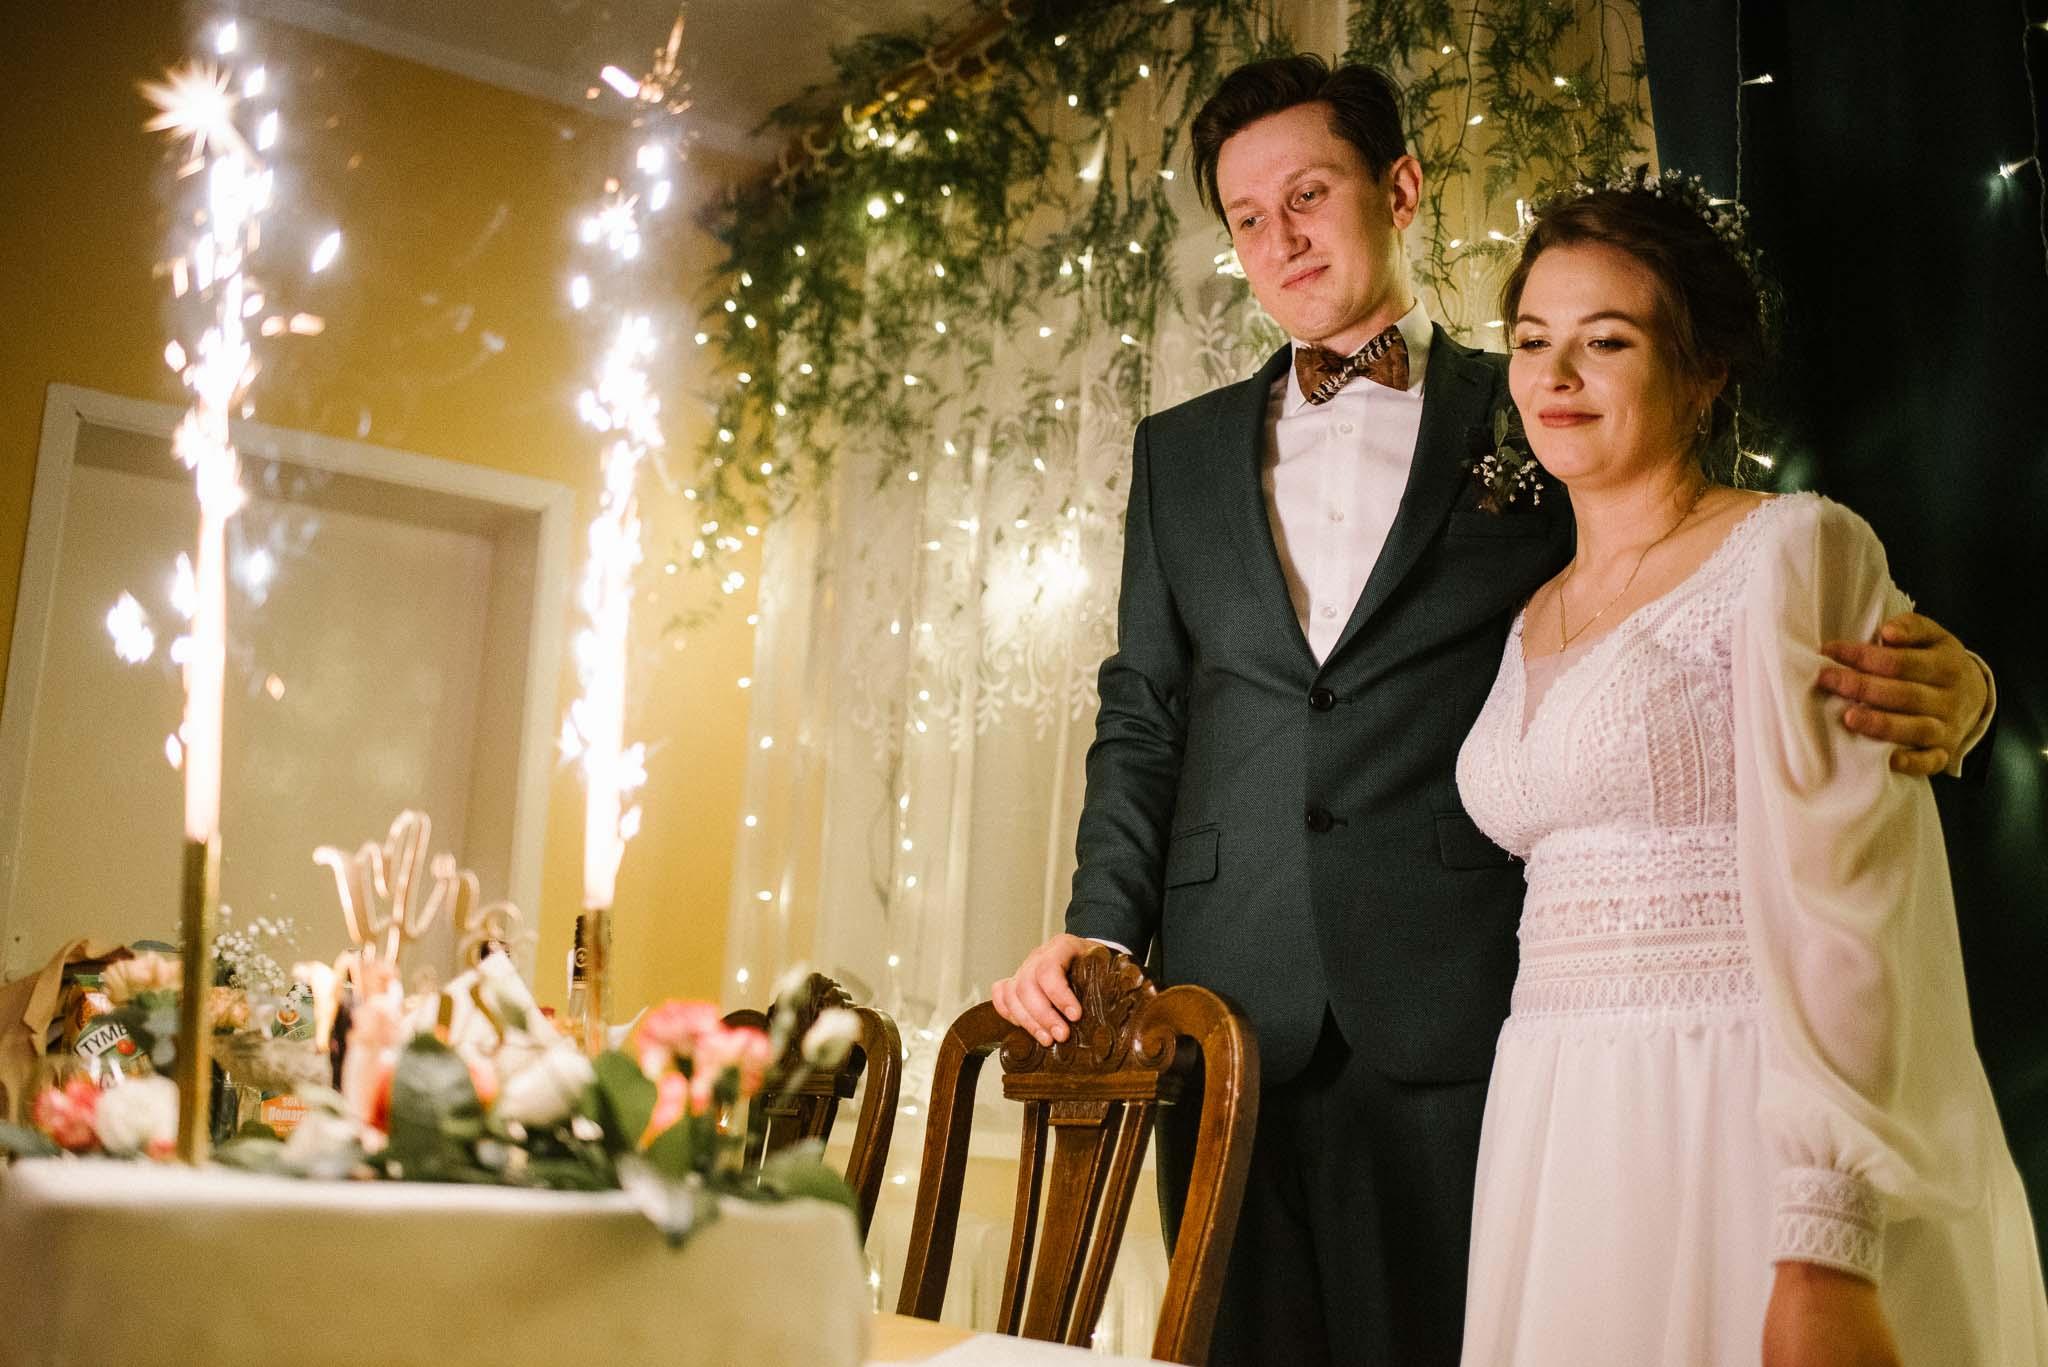 Para młoda patrzy na tort weselny -sesja ślubna reportaż Żuczki Inowrocław